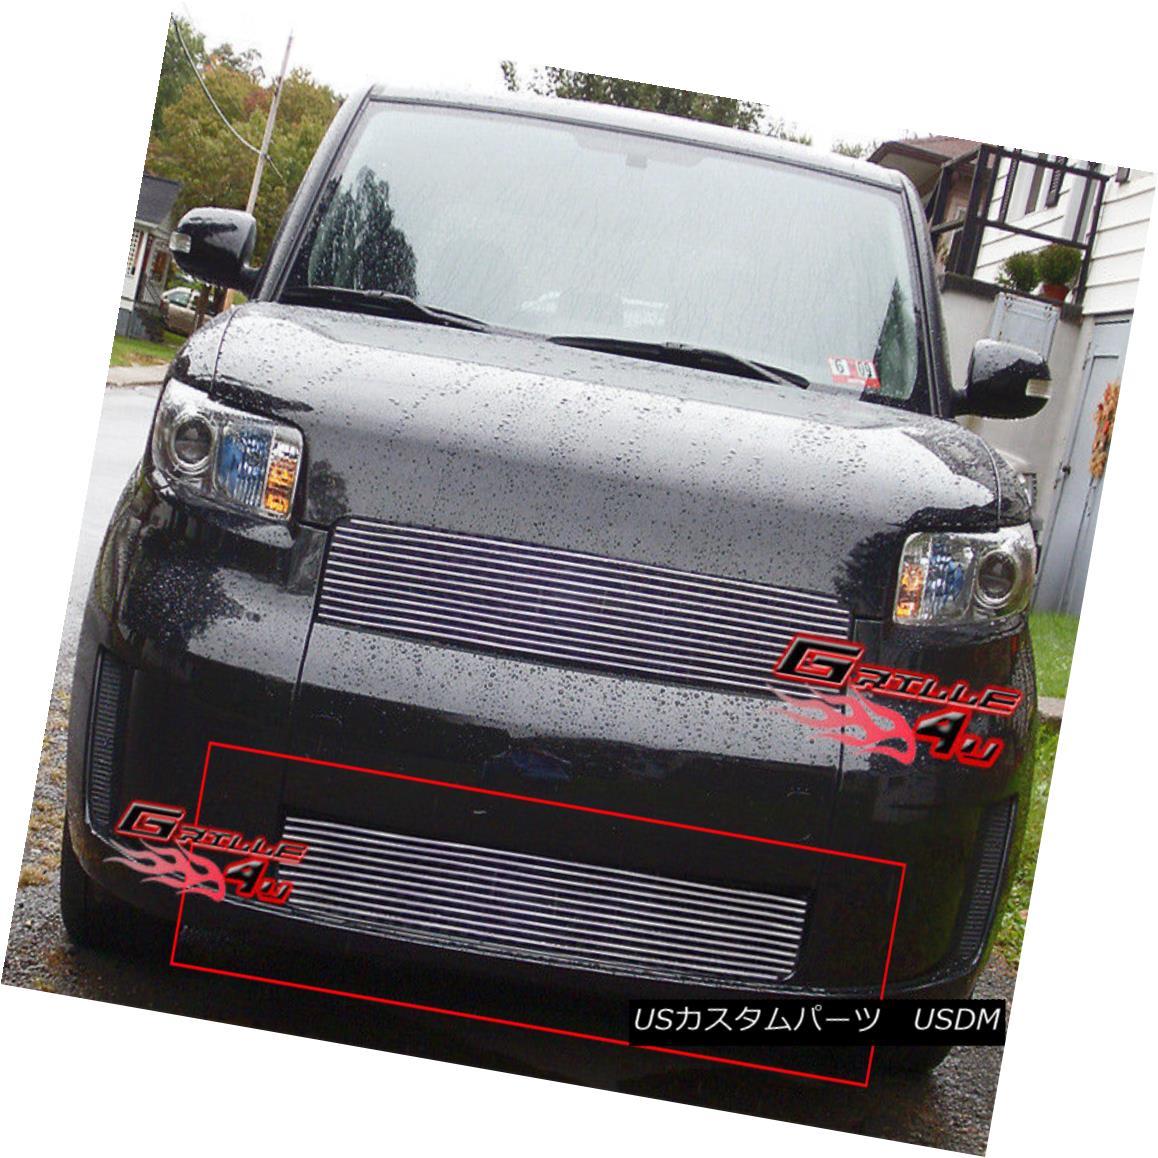 グリル Fits 08-10 Scion XB Lower Bumper Billet Grille Insert フィット08-10サイオンXBロワーバンパービレットグリルインサート